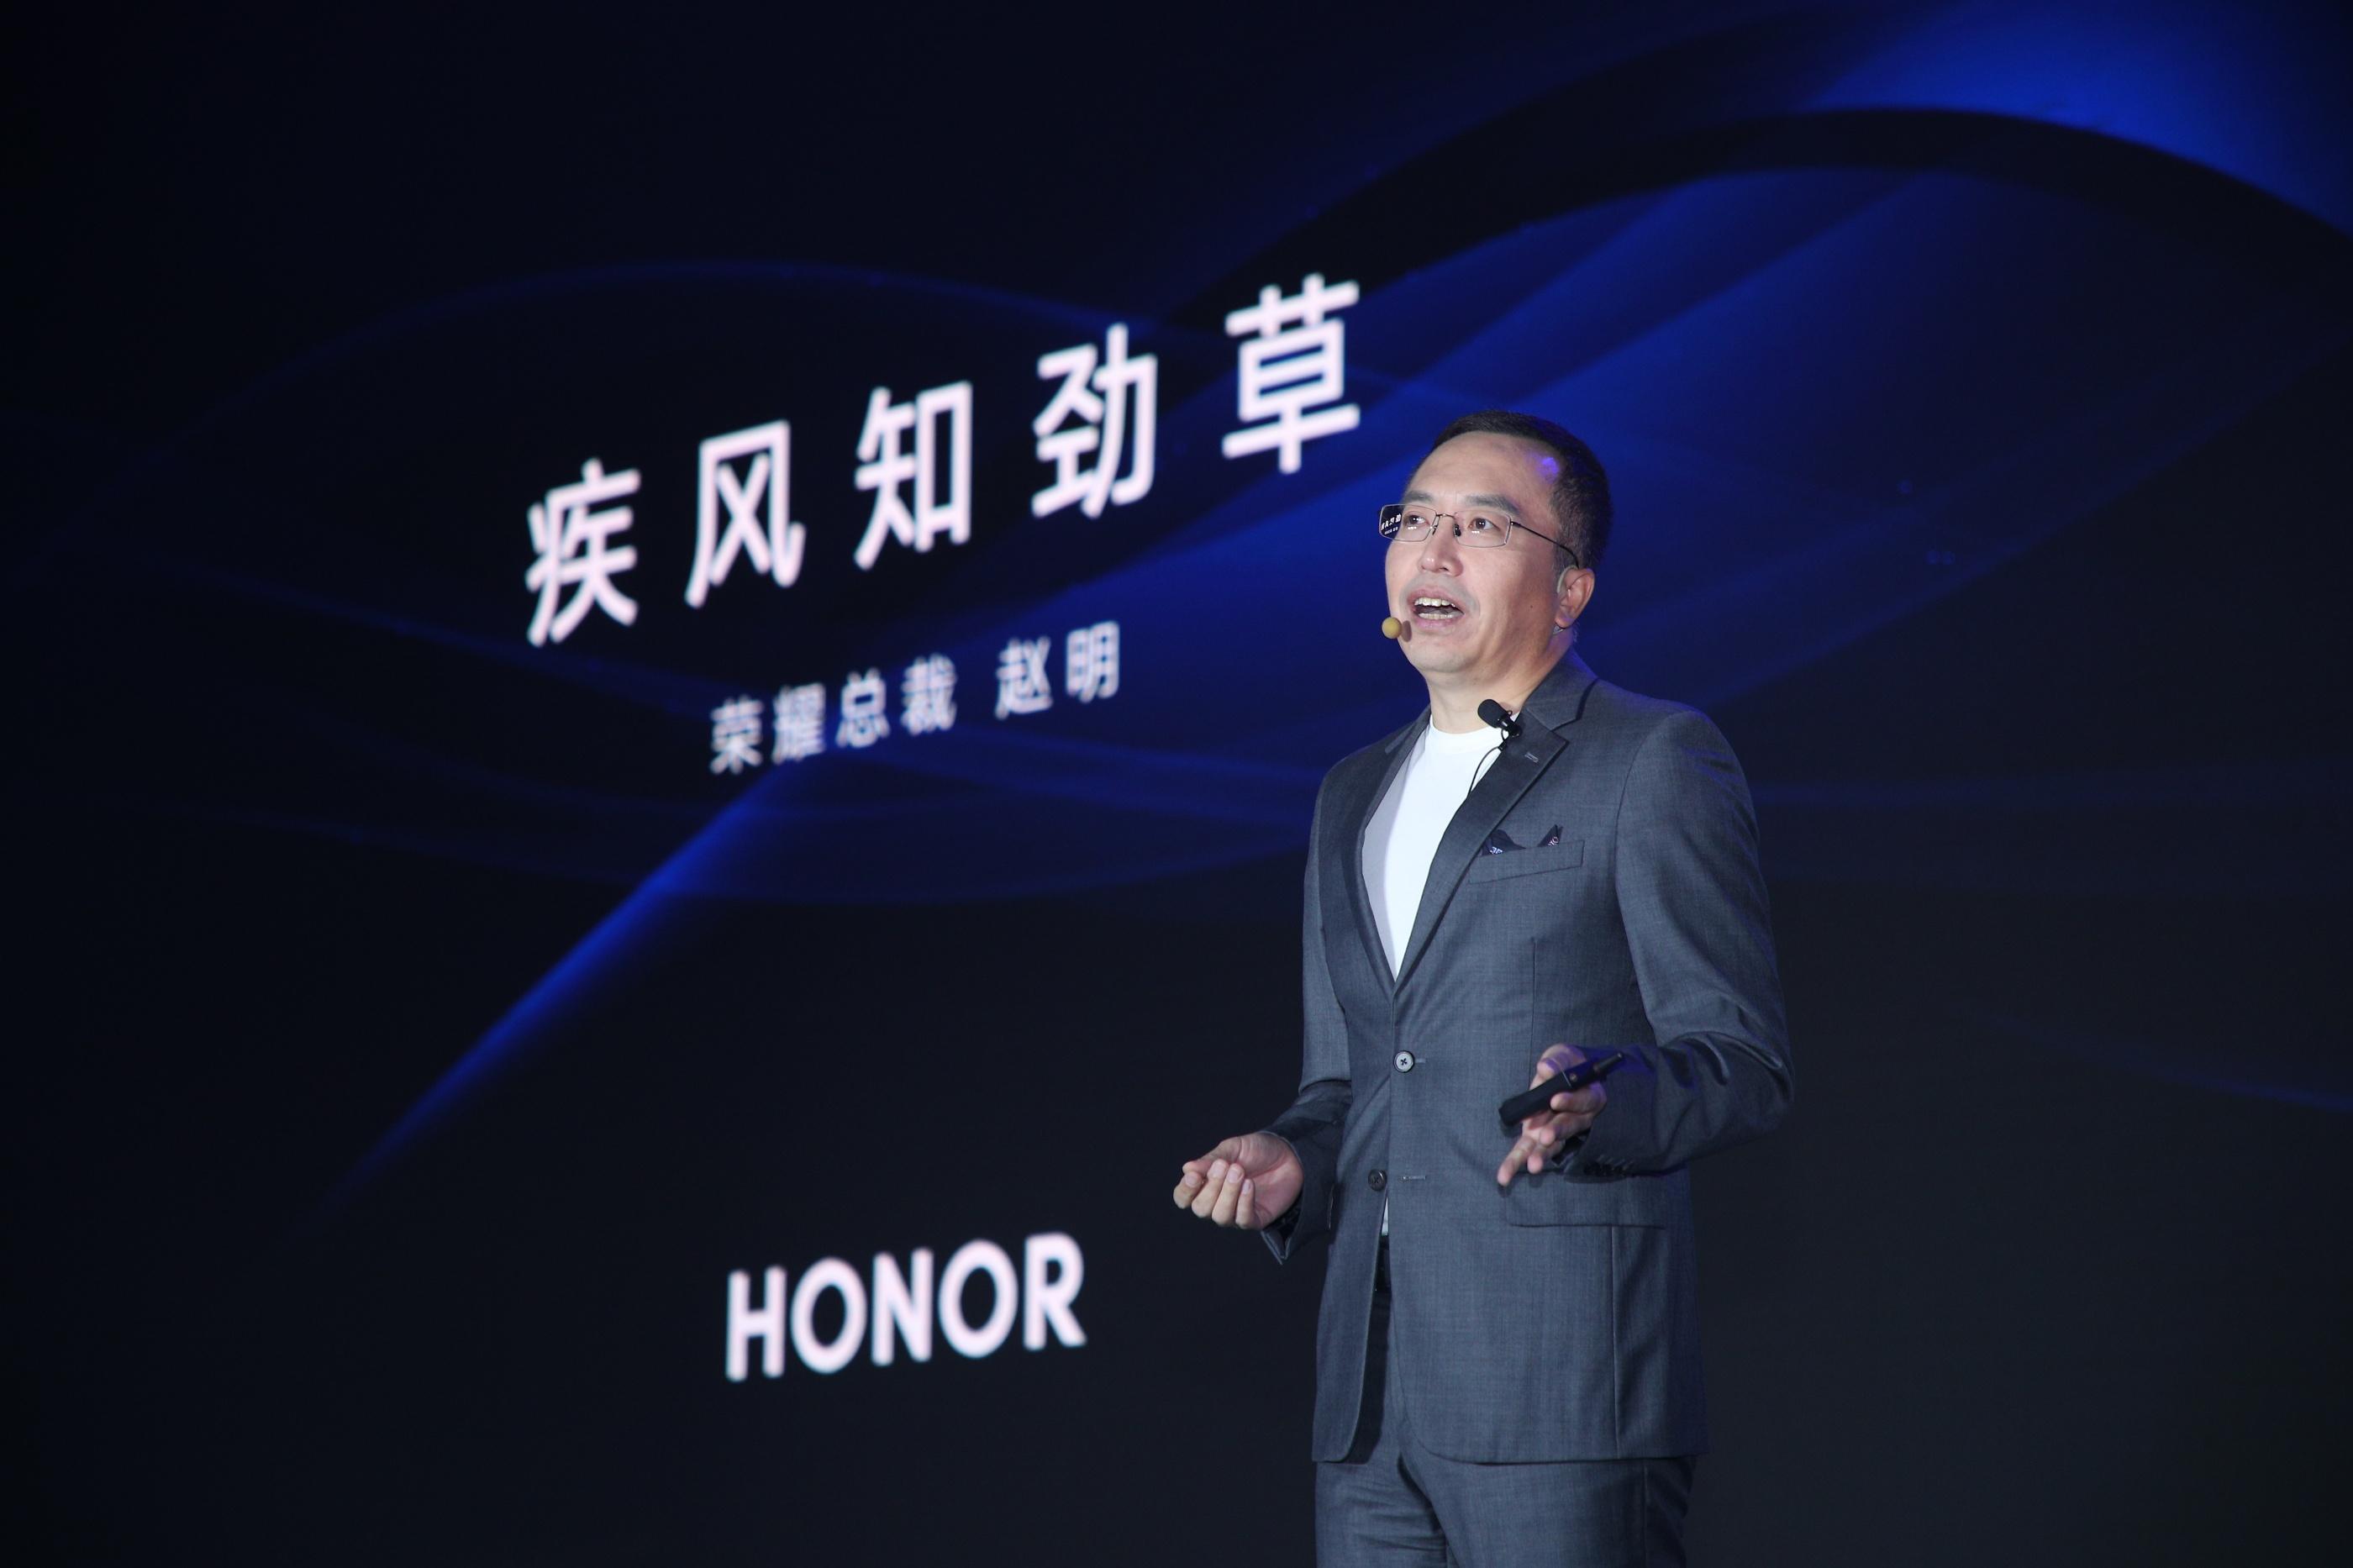 荣耀赵明:持续创新,不断地积累底牌才是王道